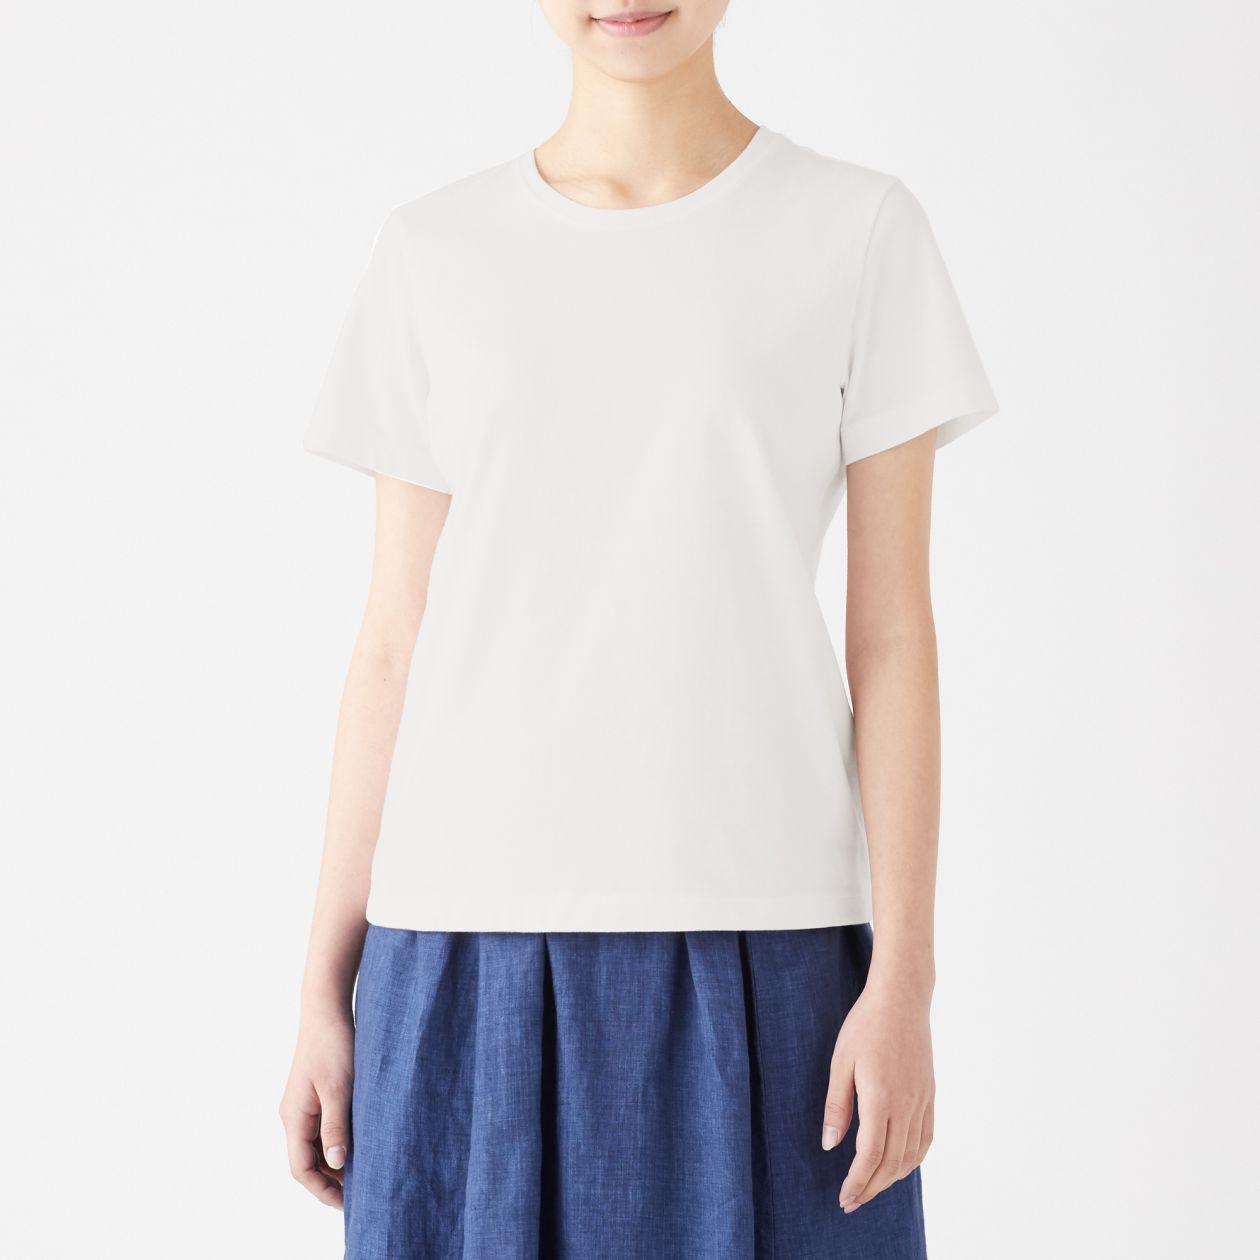 インド綿天竺編みクルーネック半袖Tシャツ(白)